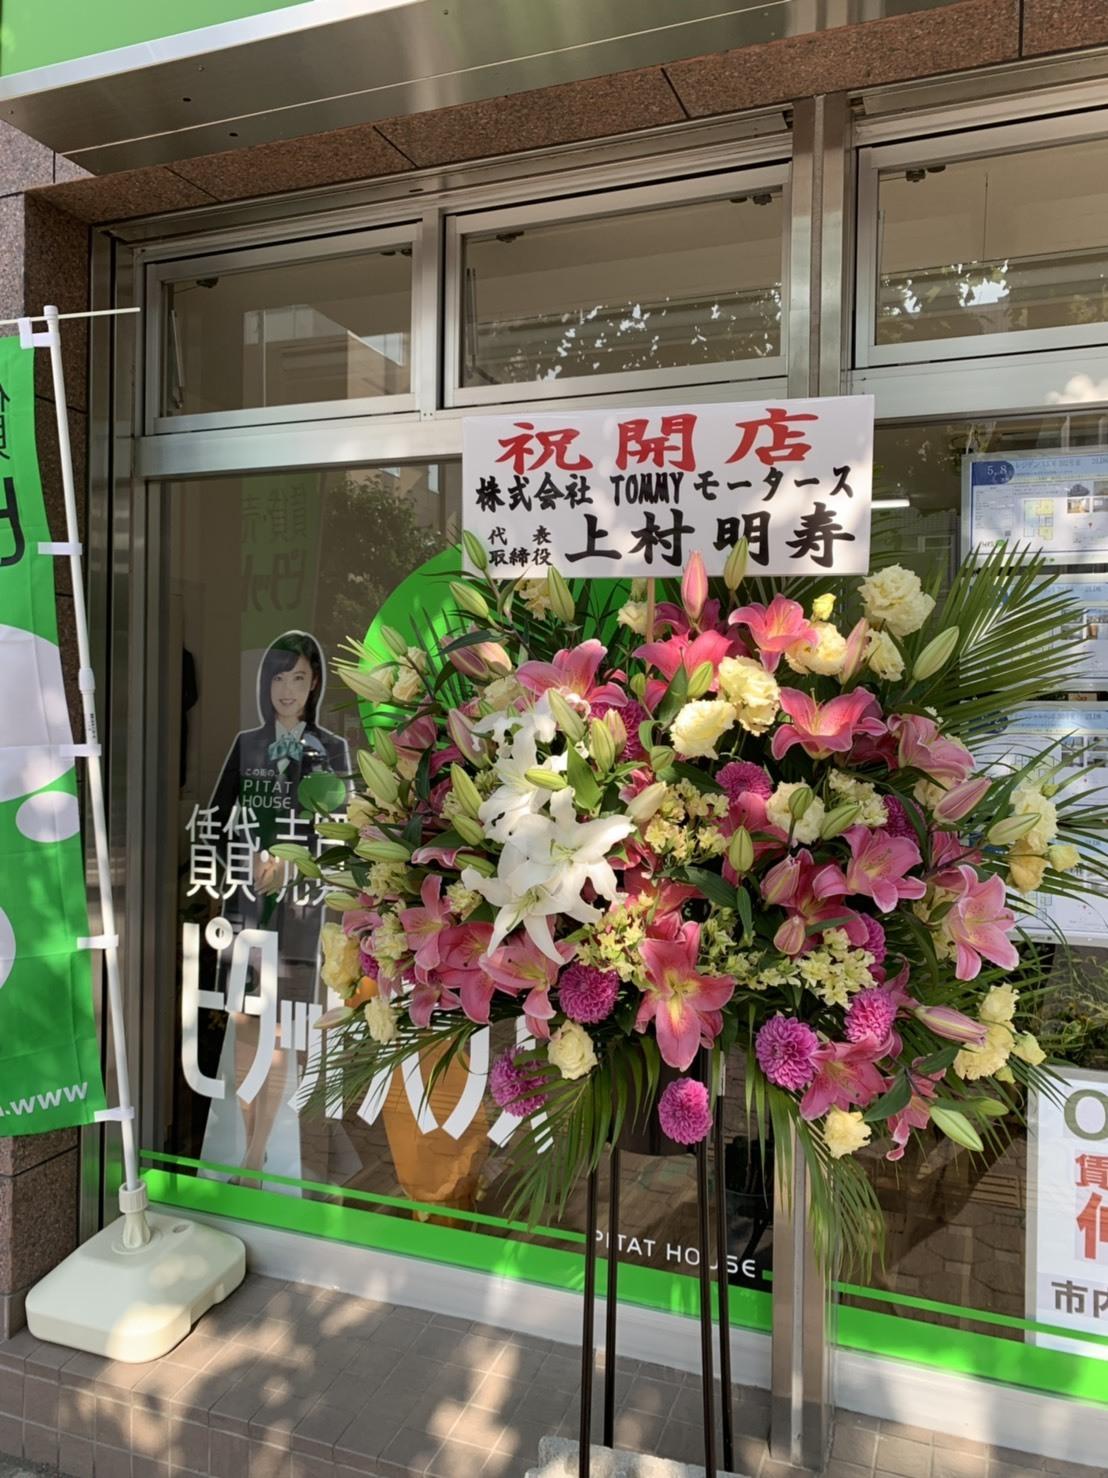 8月6日(火)本店ブログ♪ タントカスタムX ありますよおおお ランクル ハマー アルファード♪ _b0127002_19570859.jpg